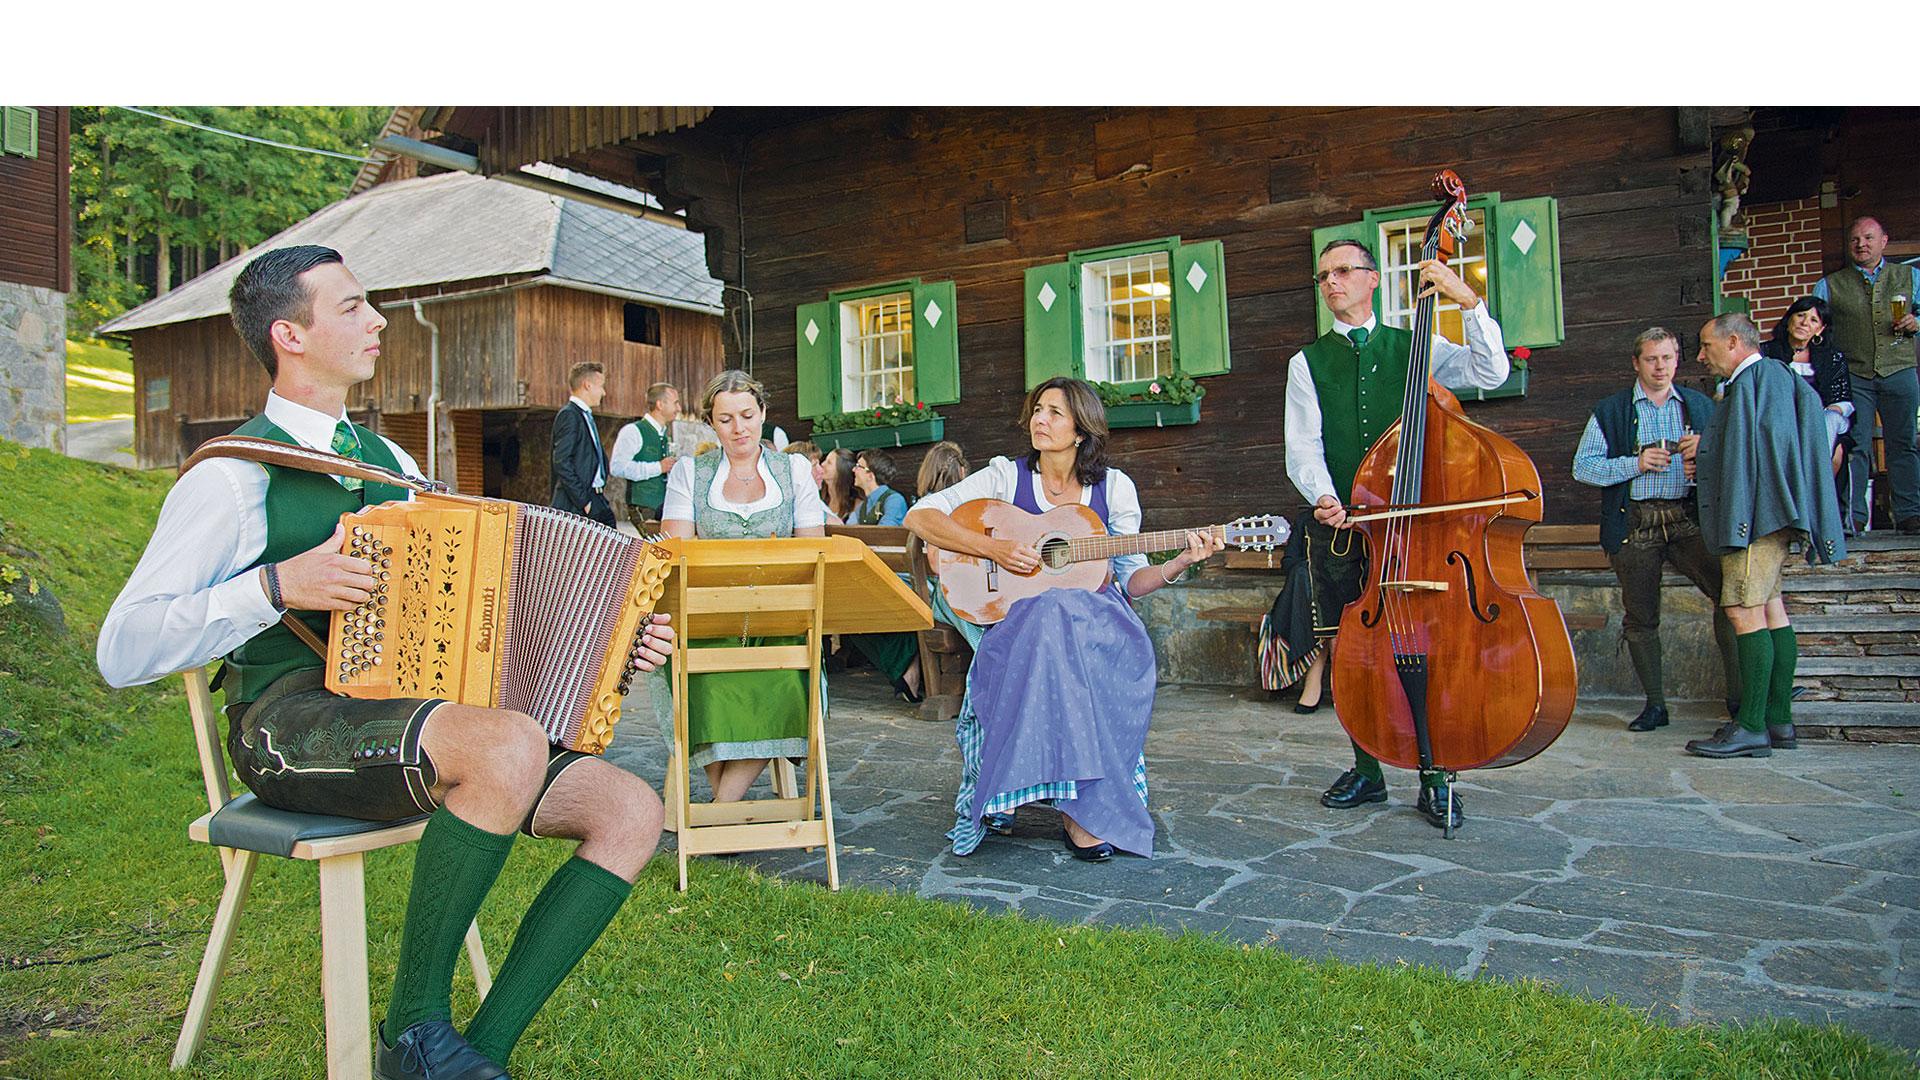 Eine steirische Harmonika von Harmonika Schmidt